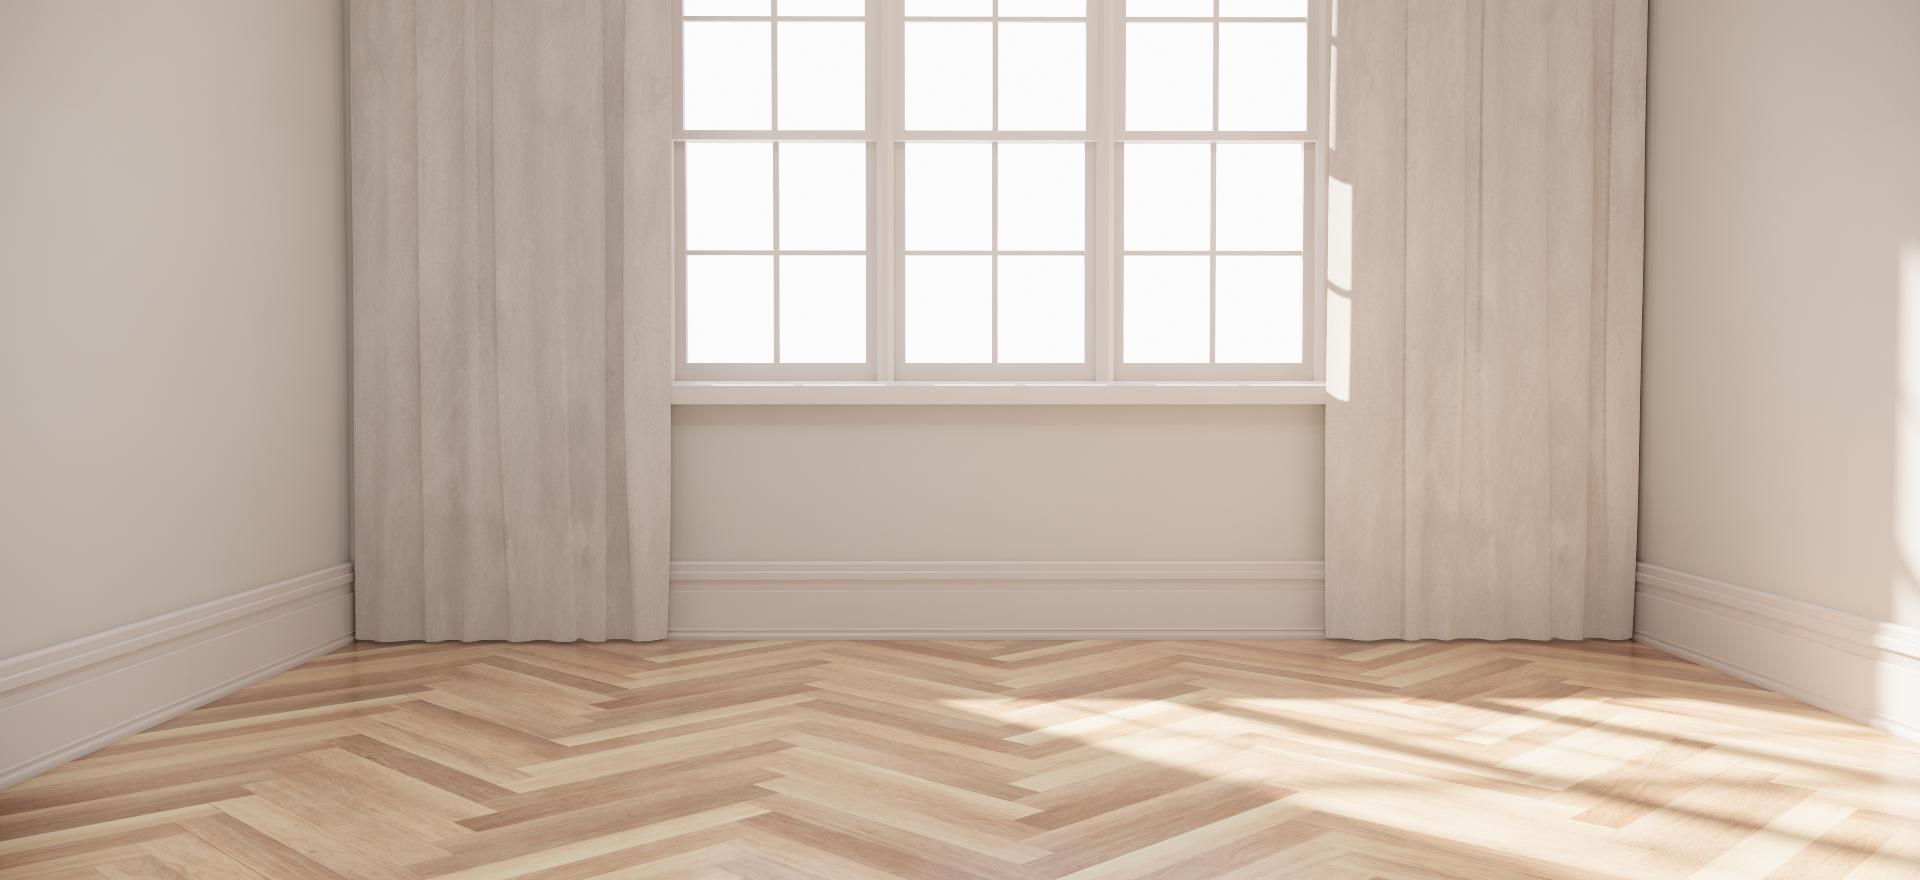 Wood Flooring 17.png